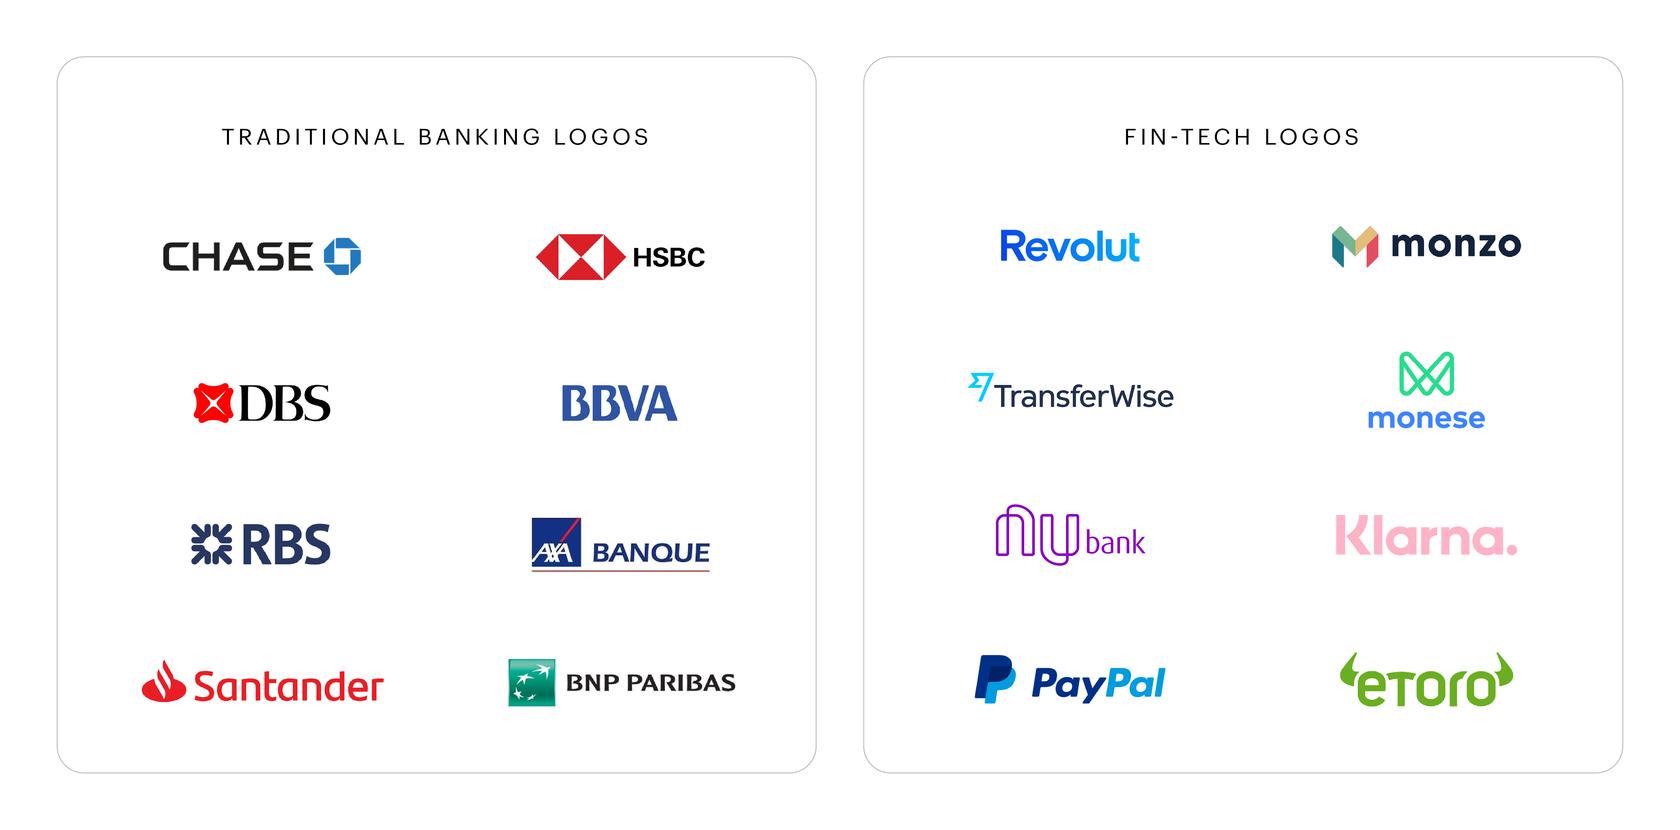 Fintech logo designs